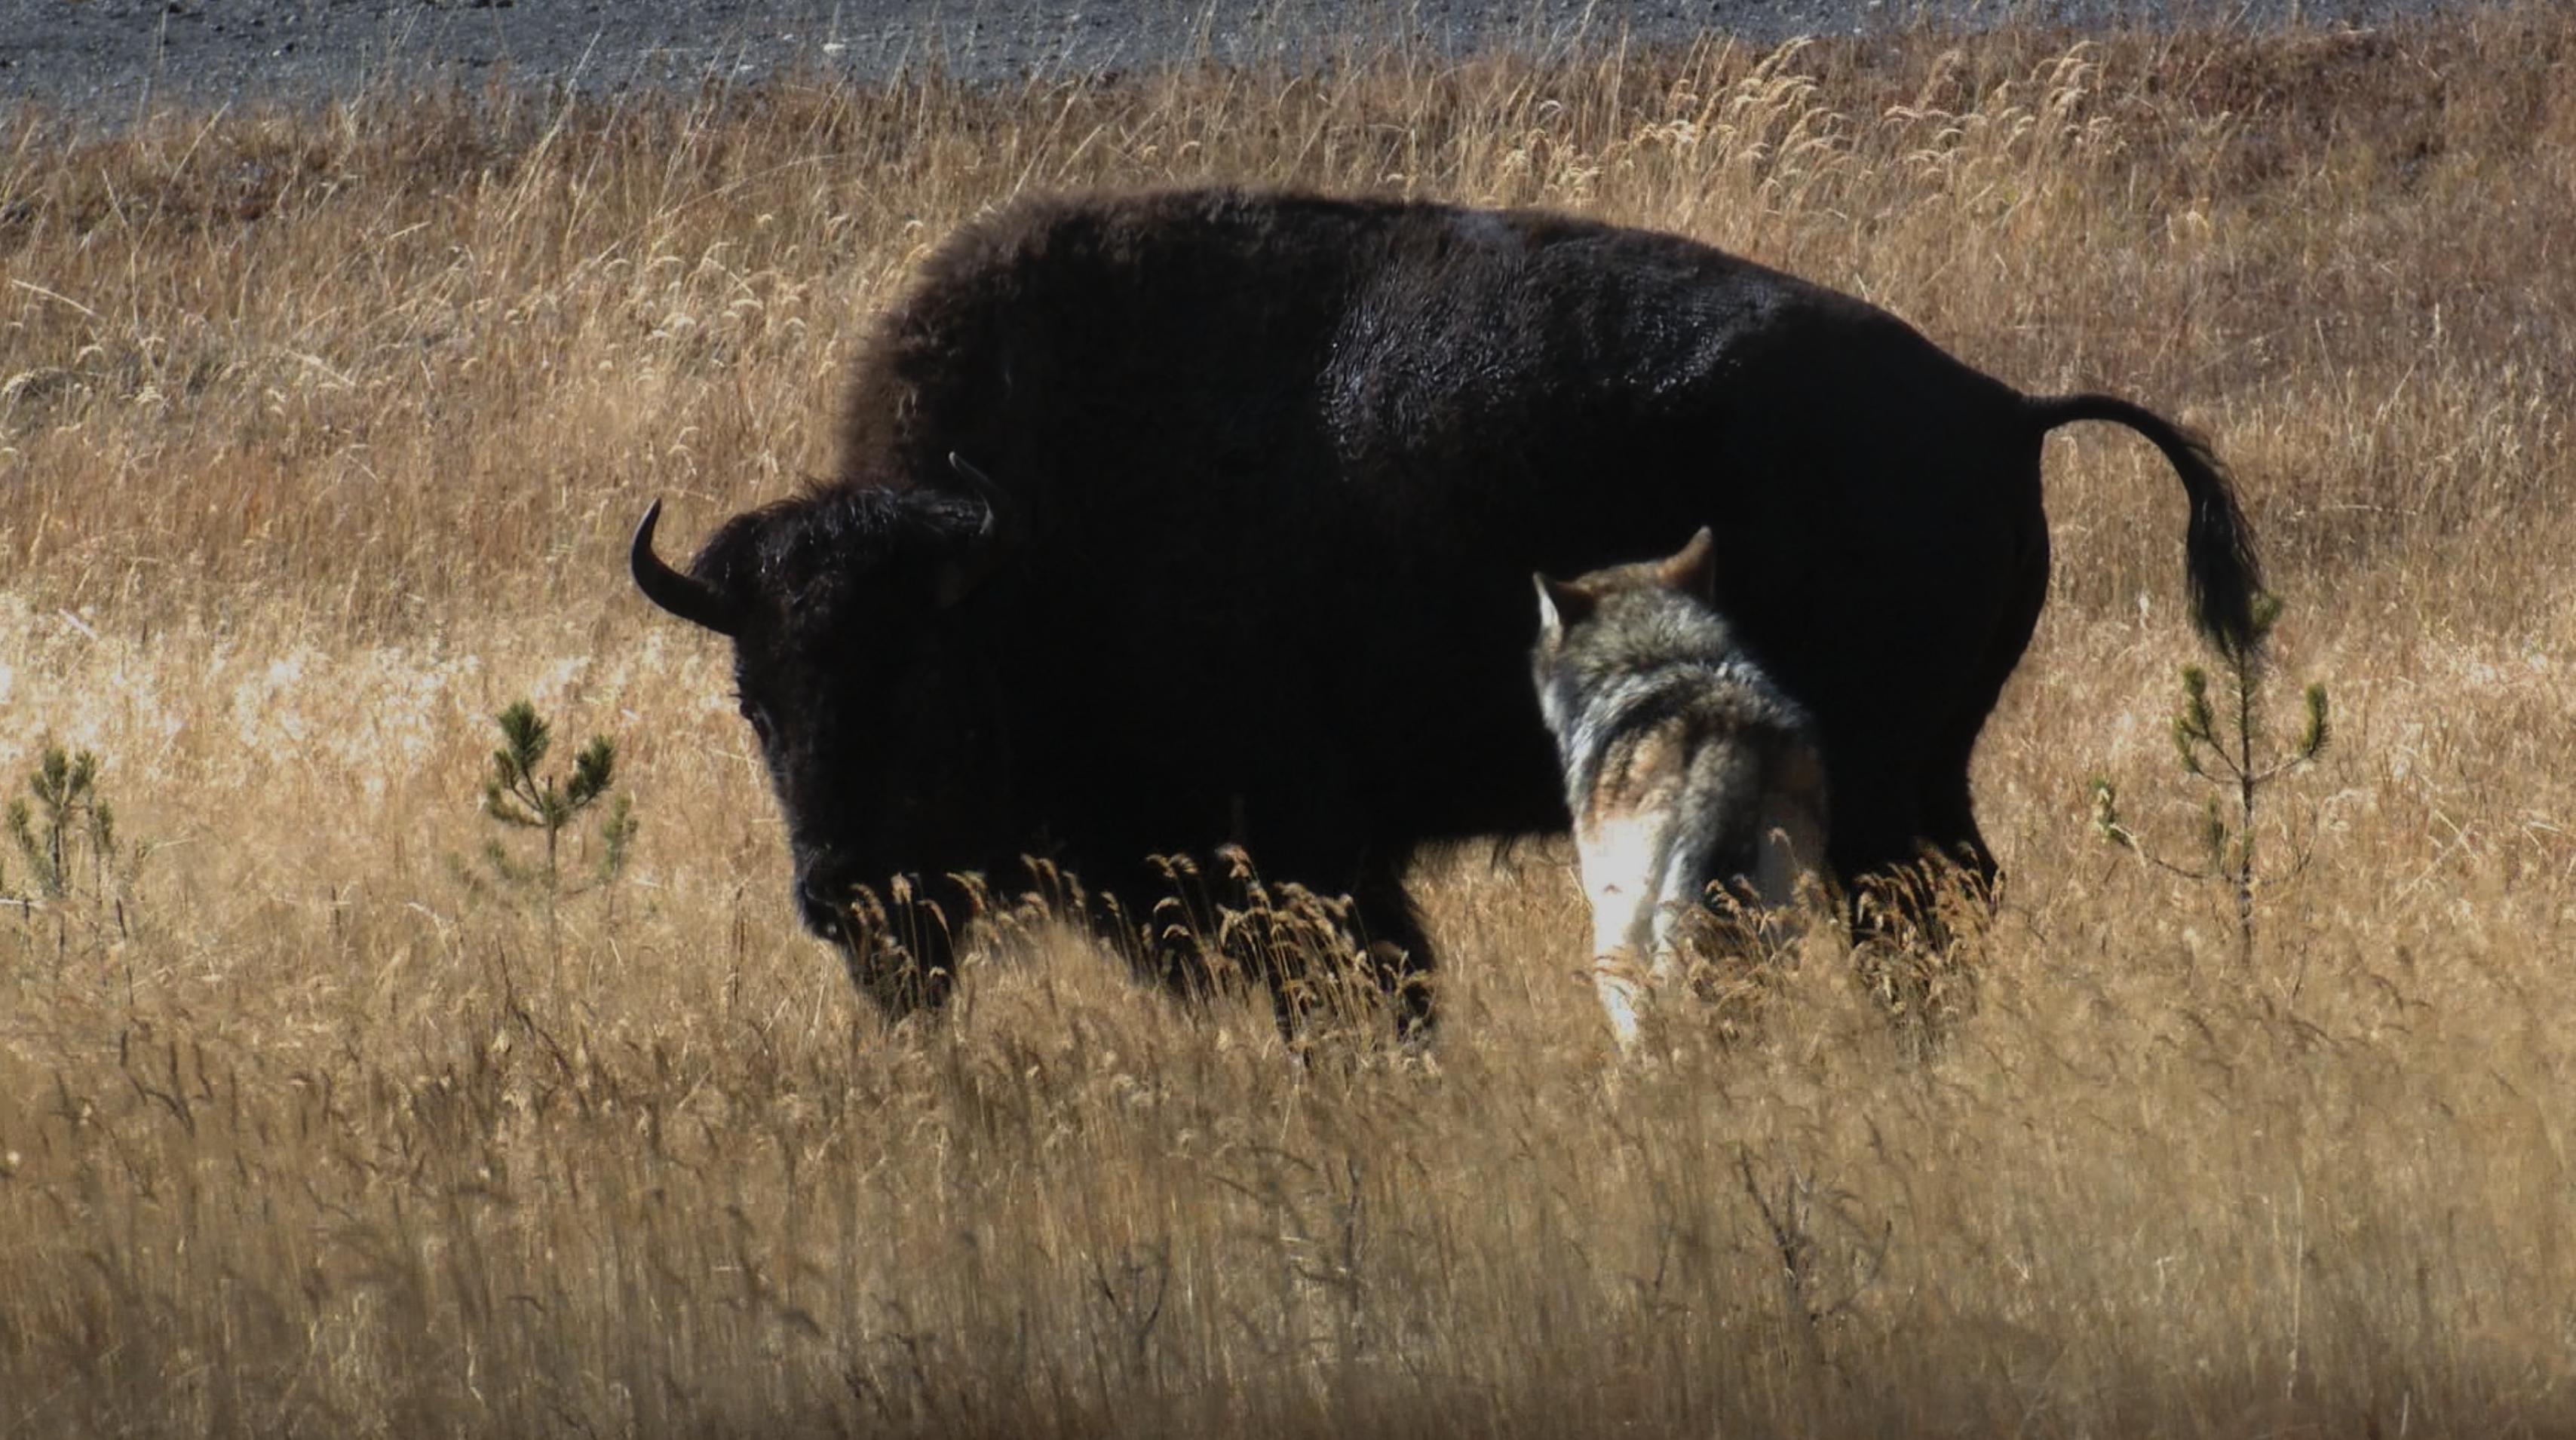 Yellowstone wolf and buffalo